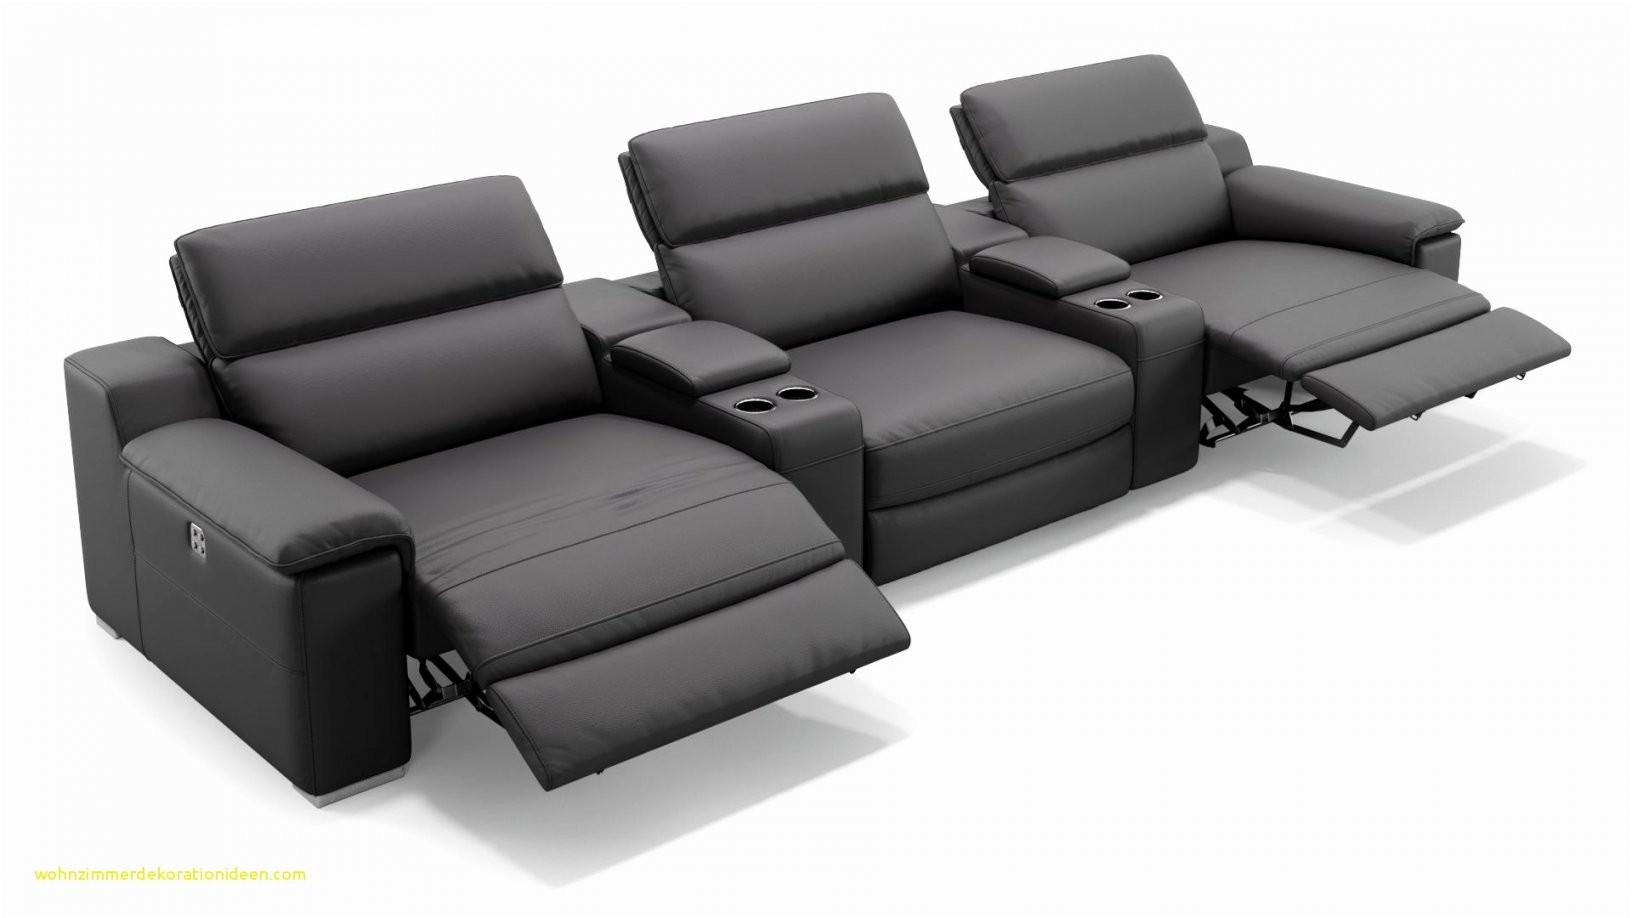 Sofa 3 Sitzer Mit Schlaffunktion Luxus 3 Sitzer Sofa Mit von 3 Sitzer Sofa Mit Bettfunktion Photo